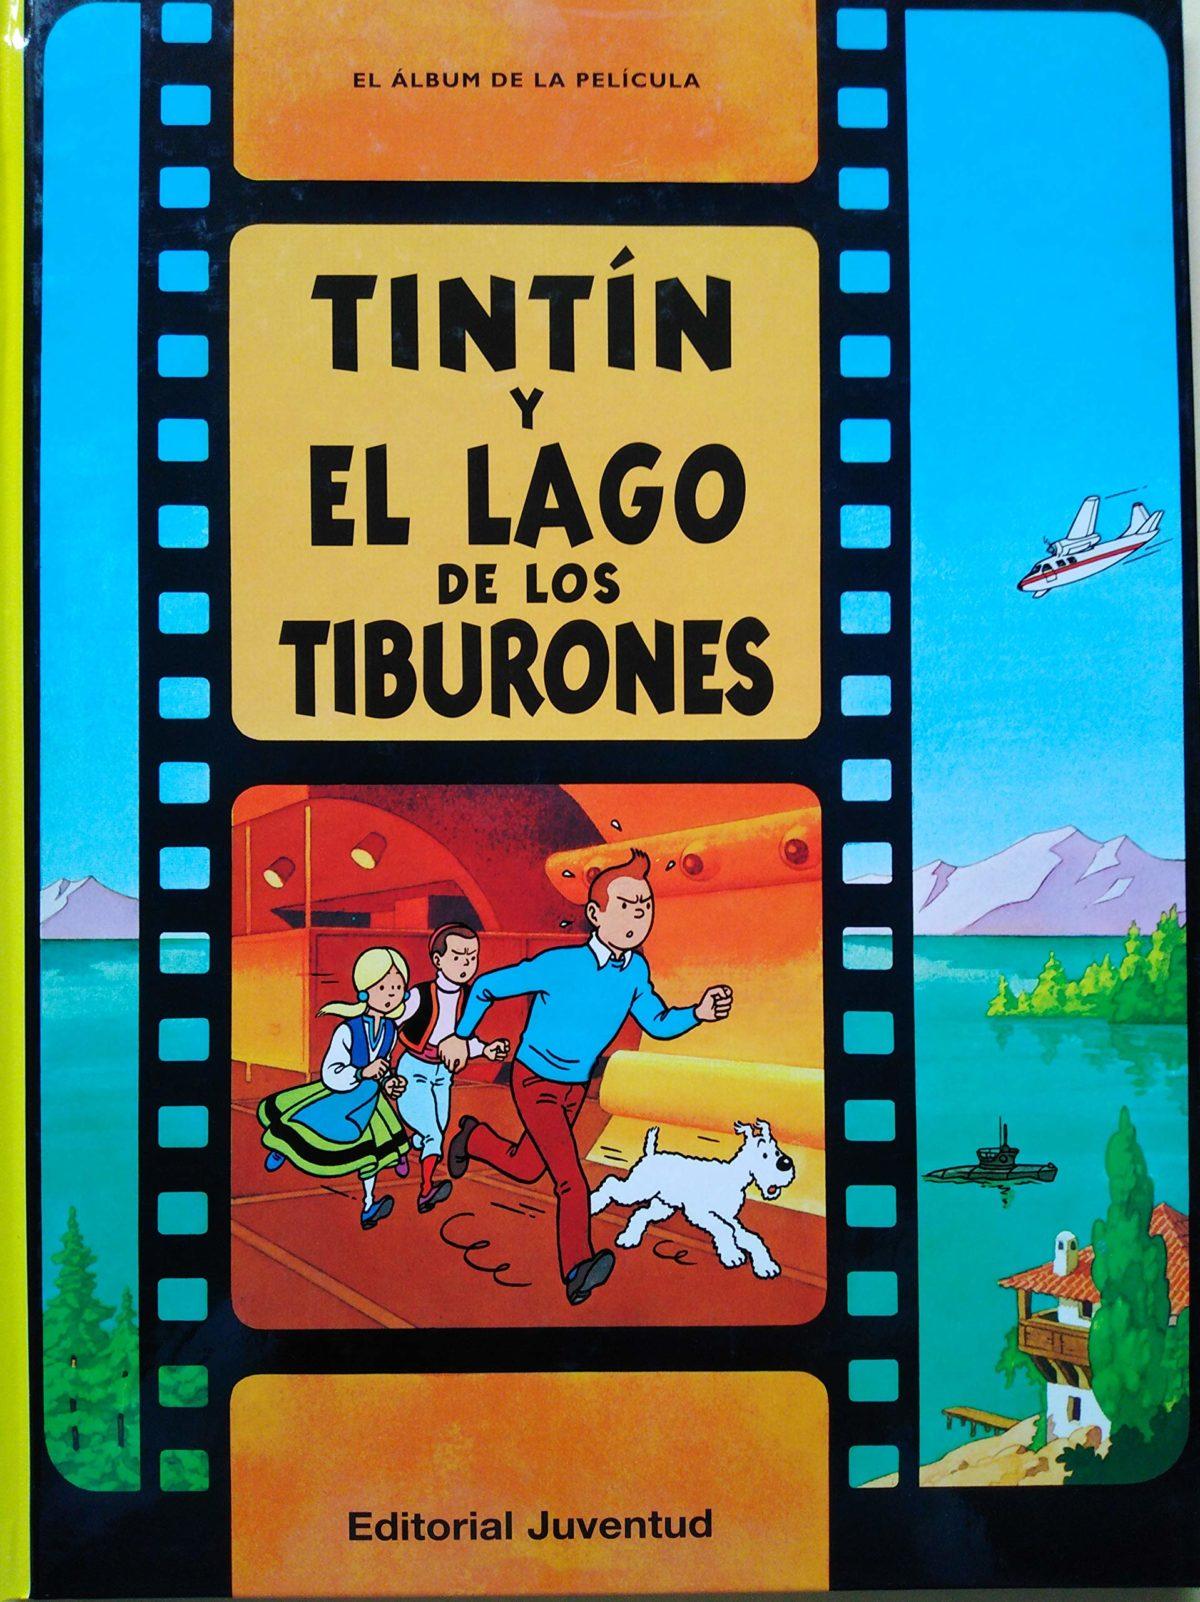 Tintín y el lago de los tiburones - Las Aventuras de Tintín (Cartoné)